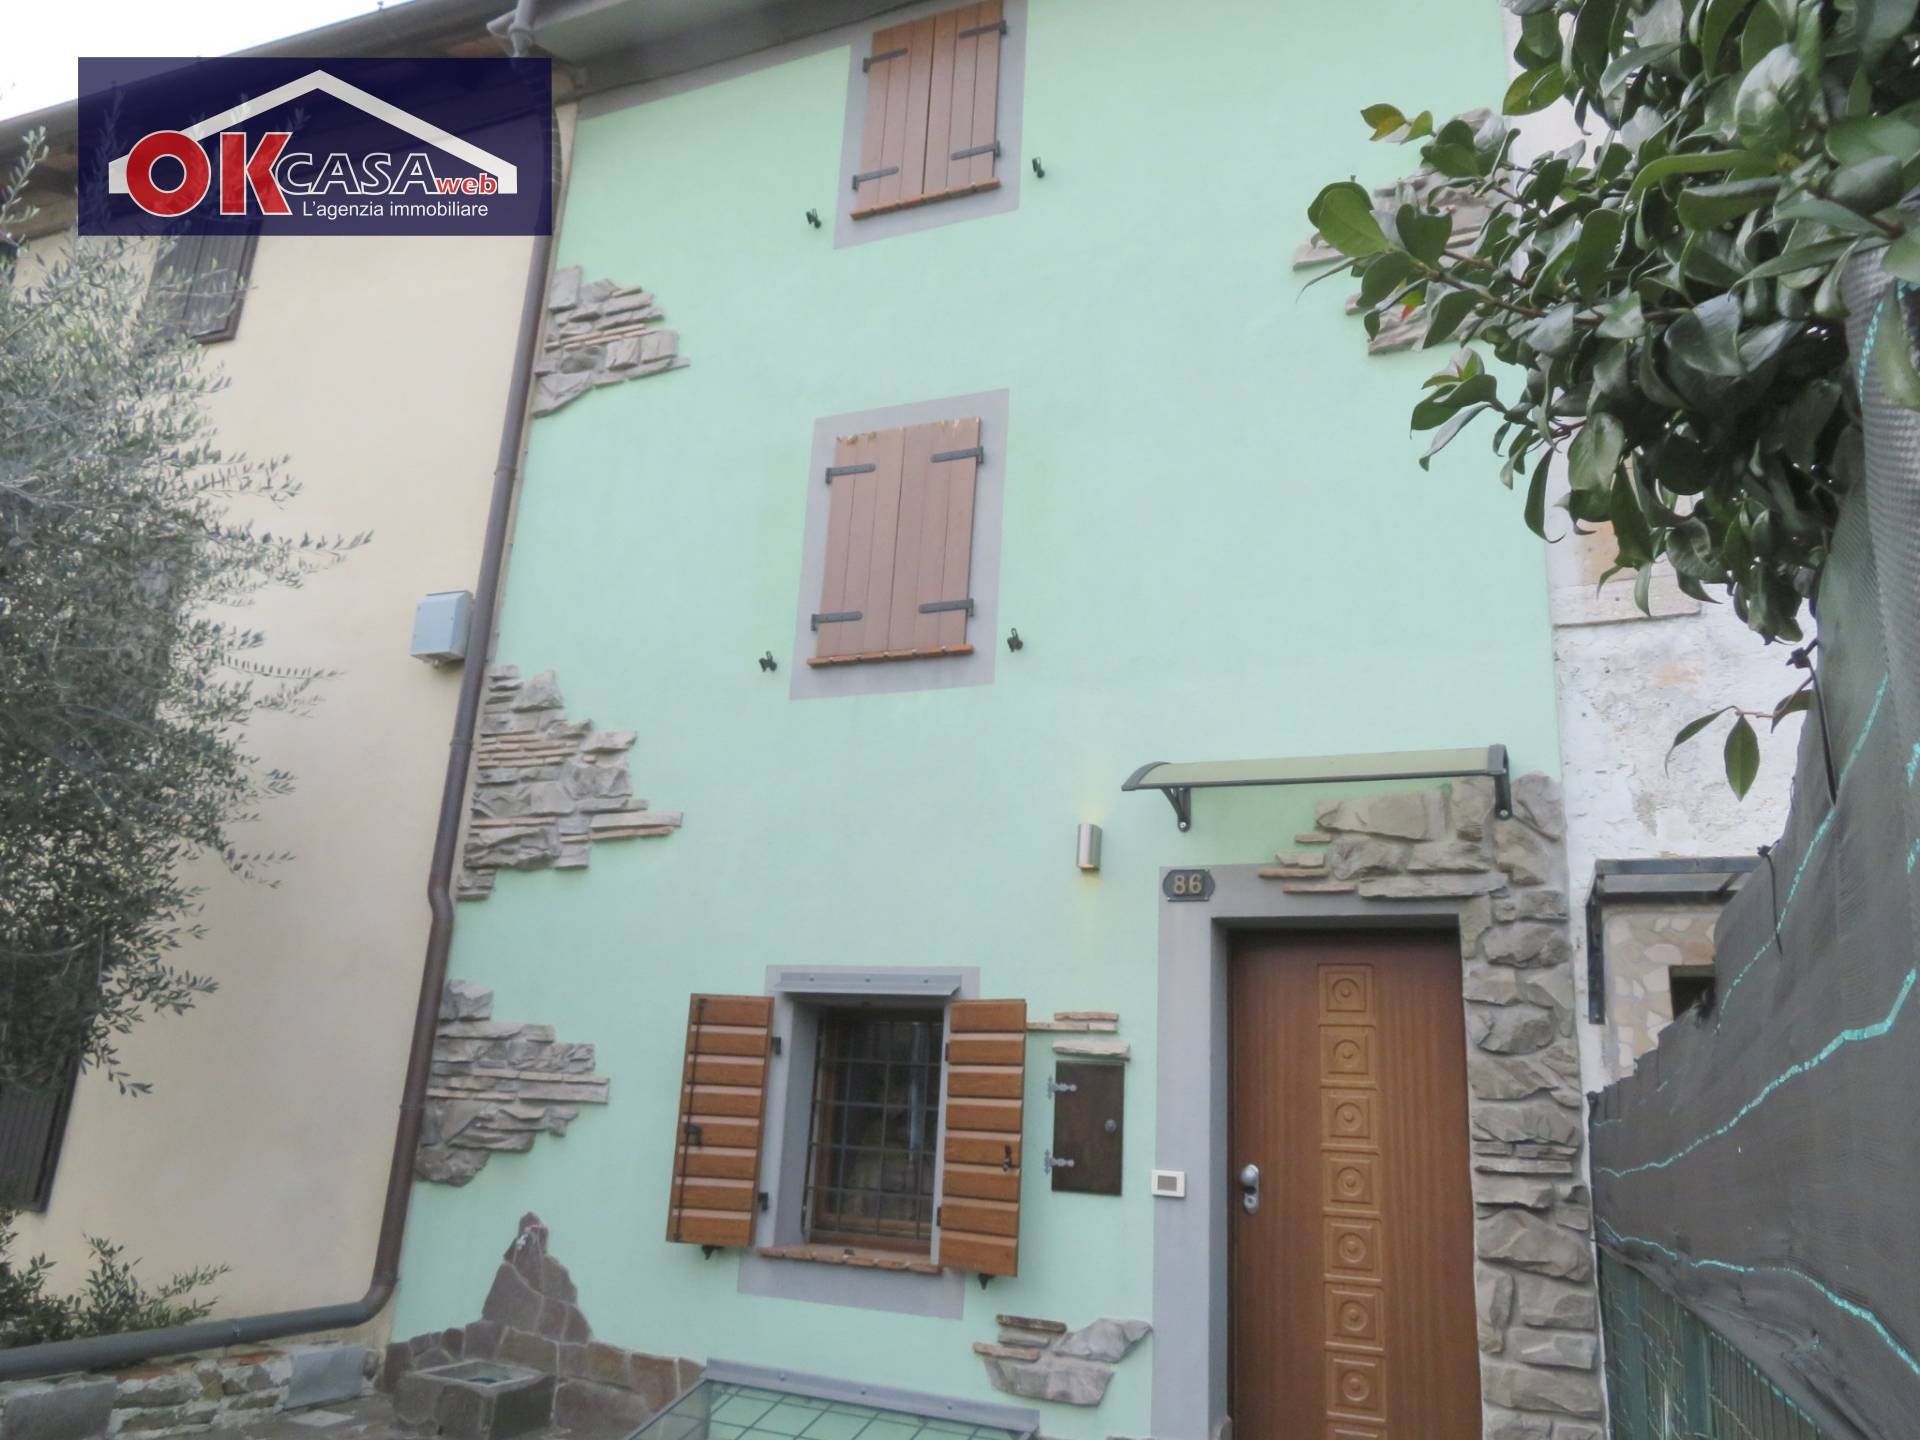 Immobile | Gorizia, Farra d'Isonzo, dante aleghieri